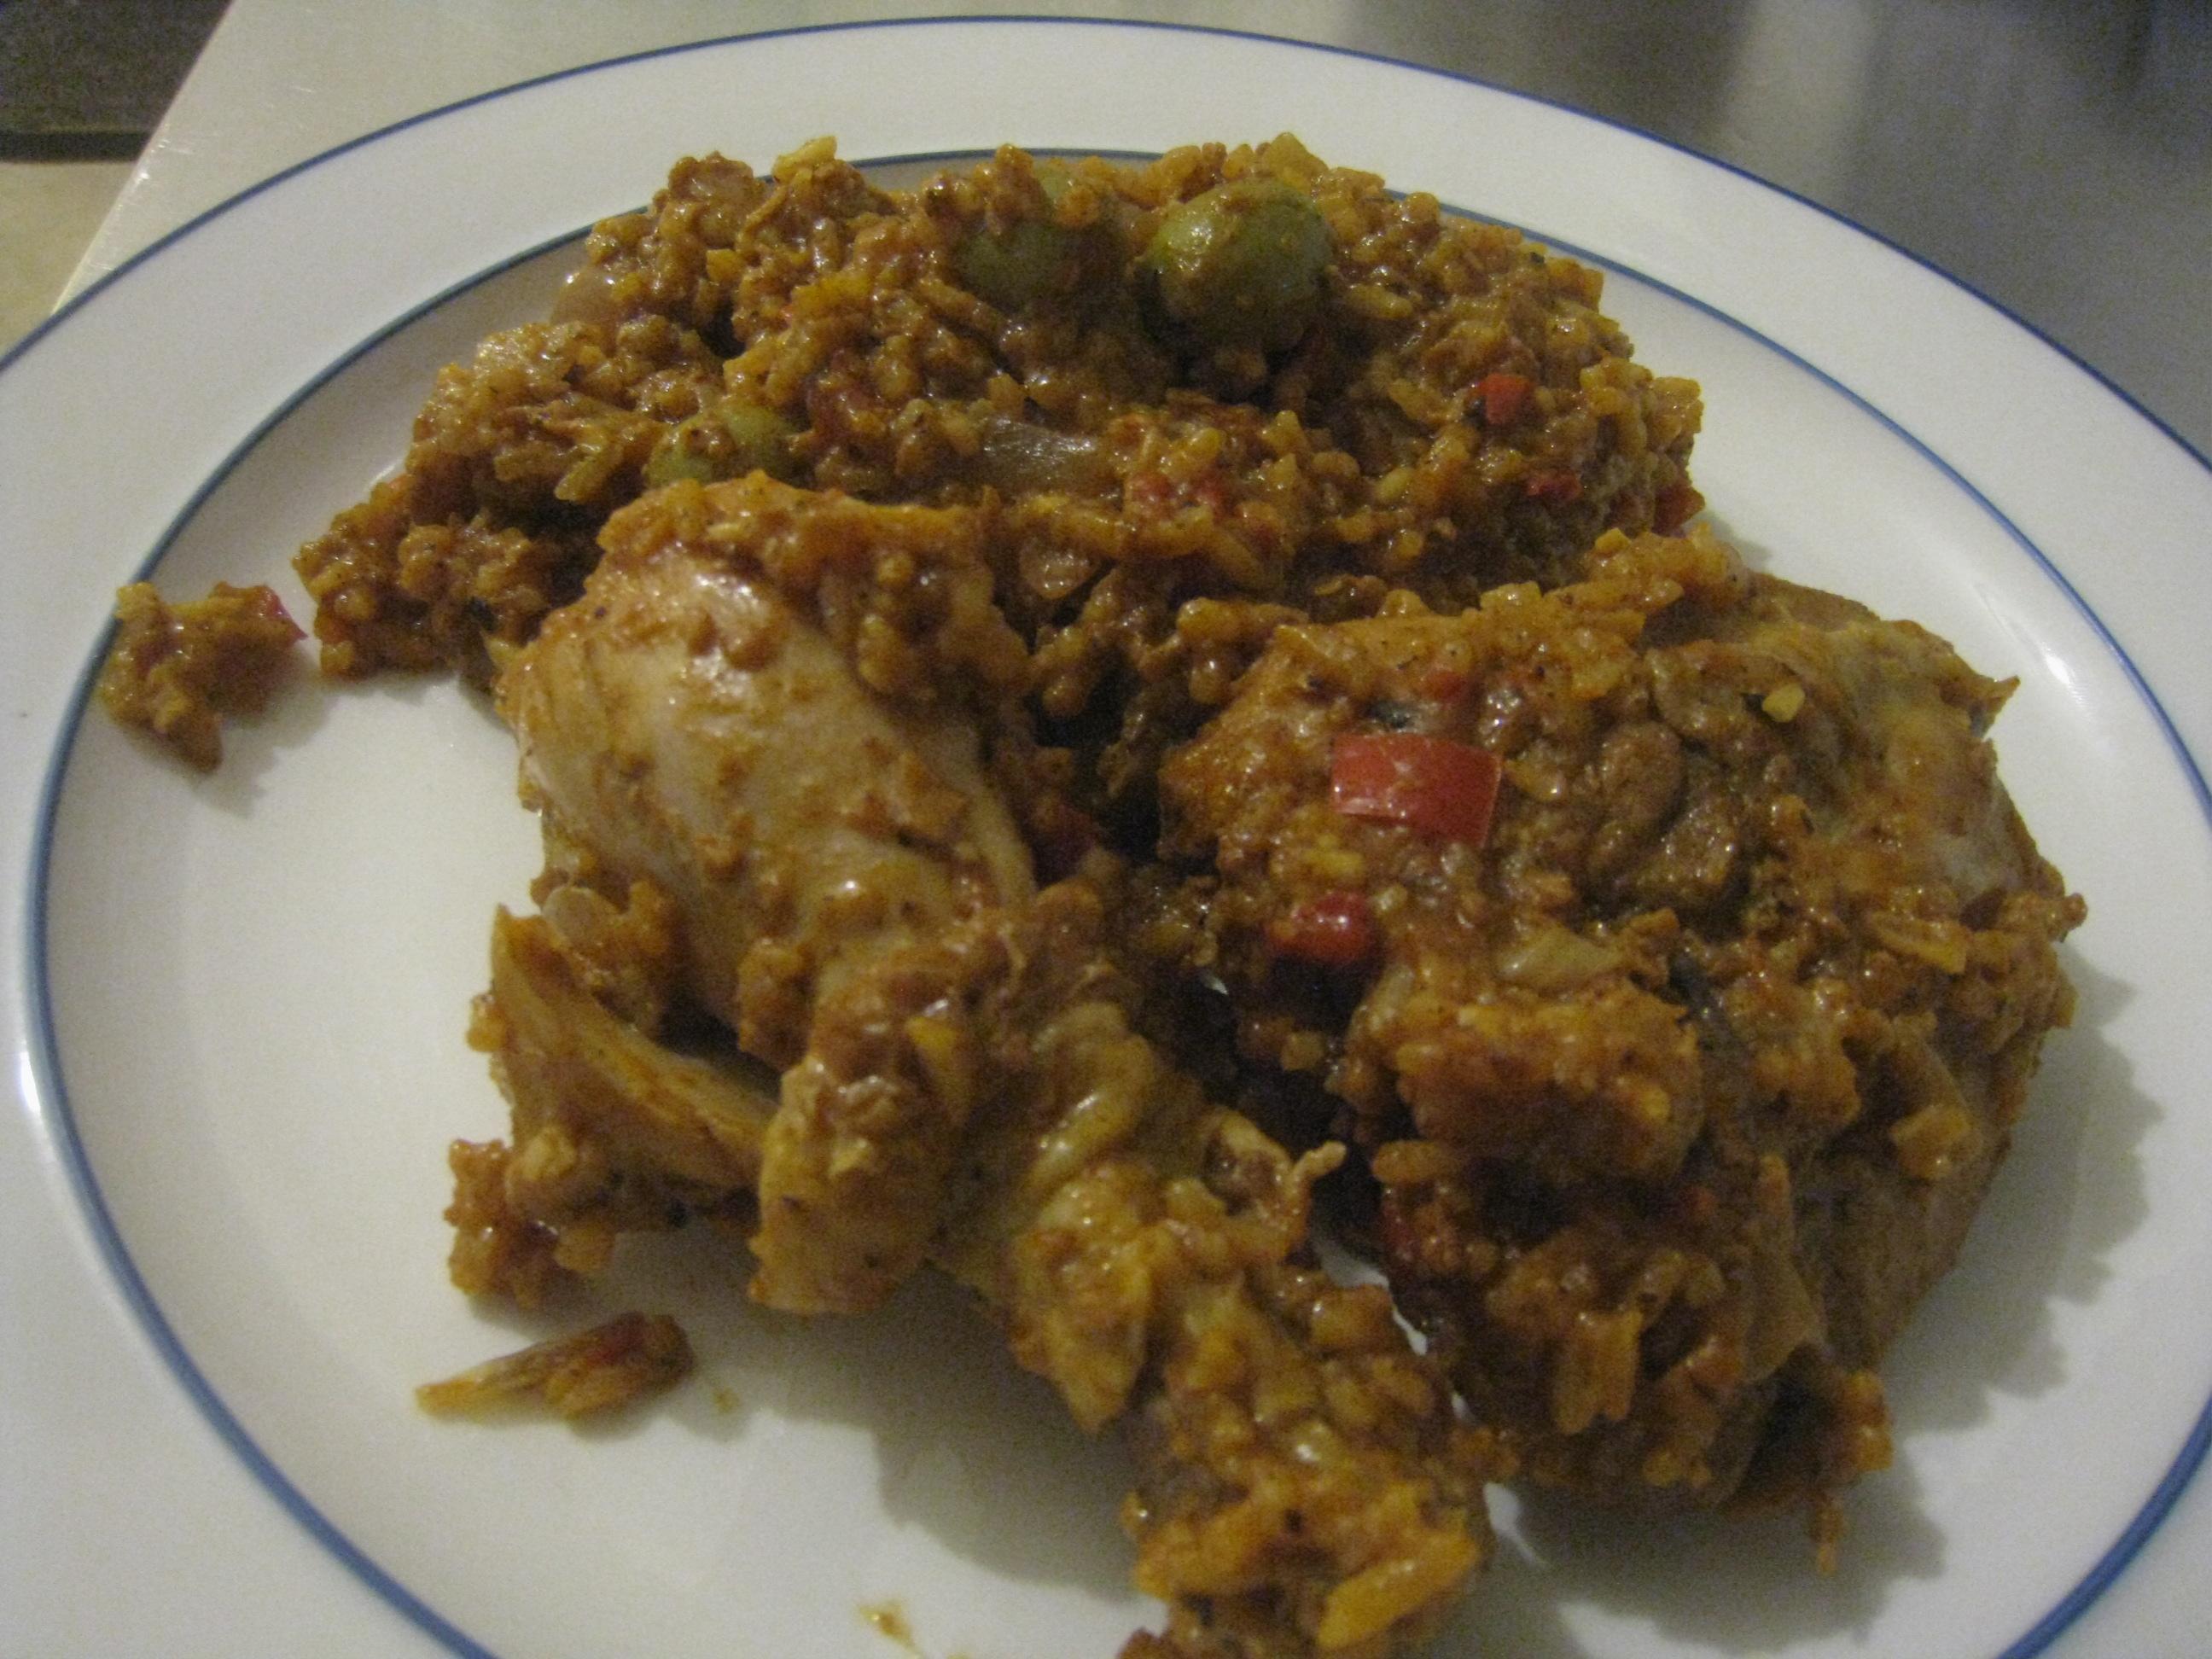 arroz con polloDominican Arroz Con Pollo